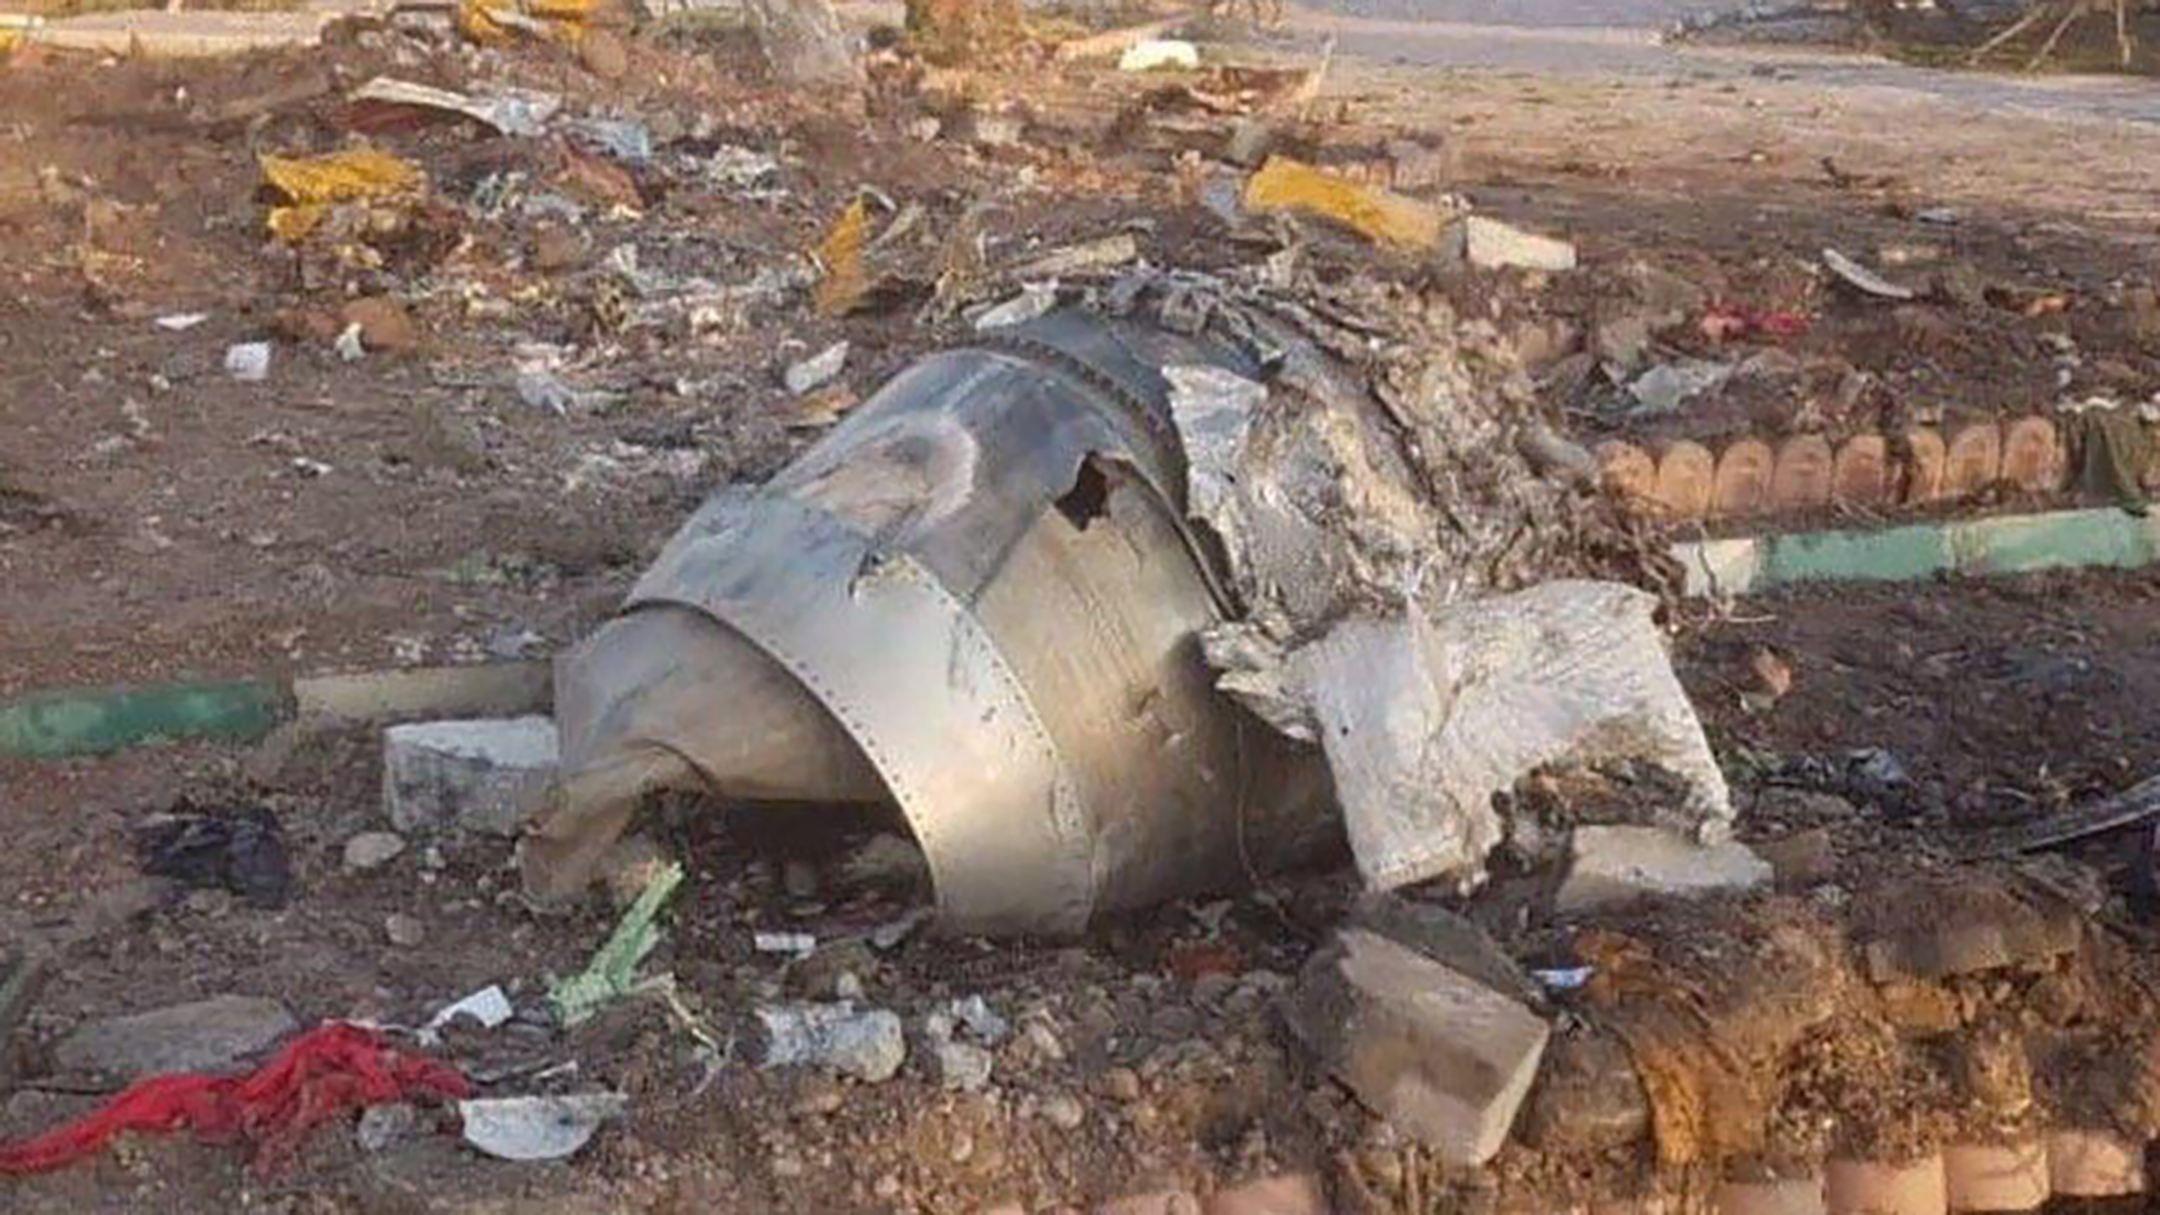 Фото всех пассажиров разбившегося самолета в сочи